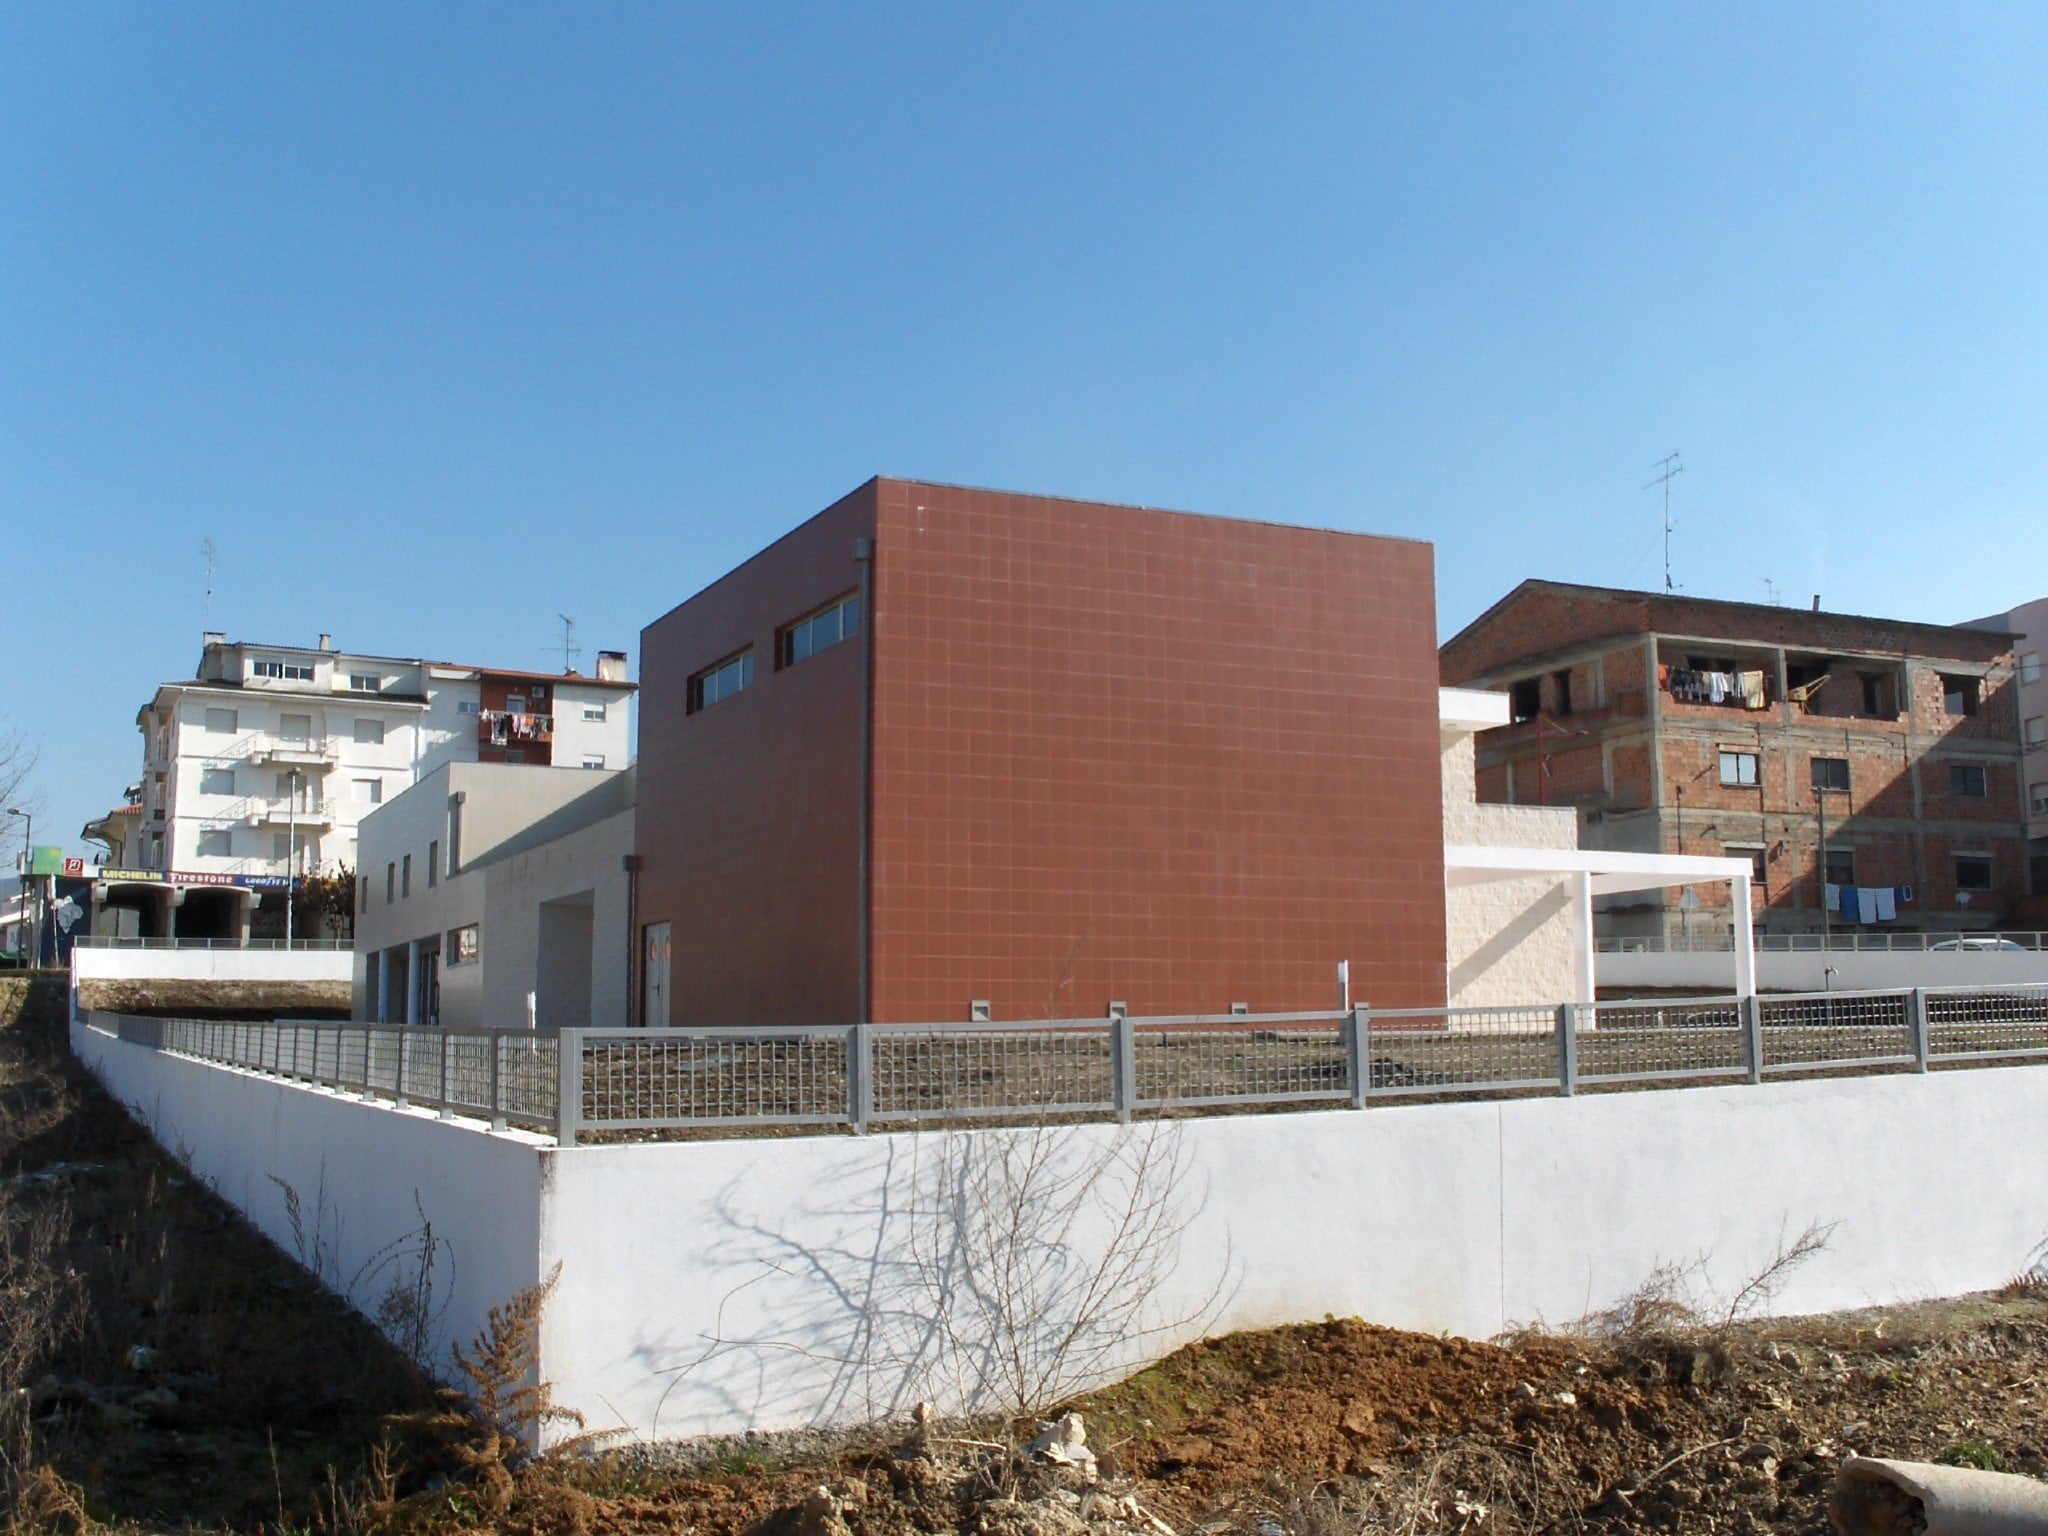 Construção do Centro de Atividades de Ocupacionais de Mirandela - APPACDM - Mirandela